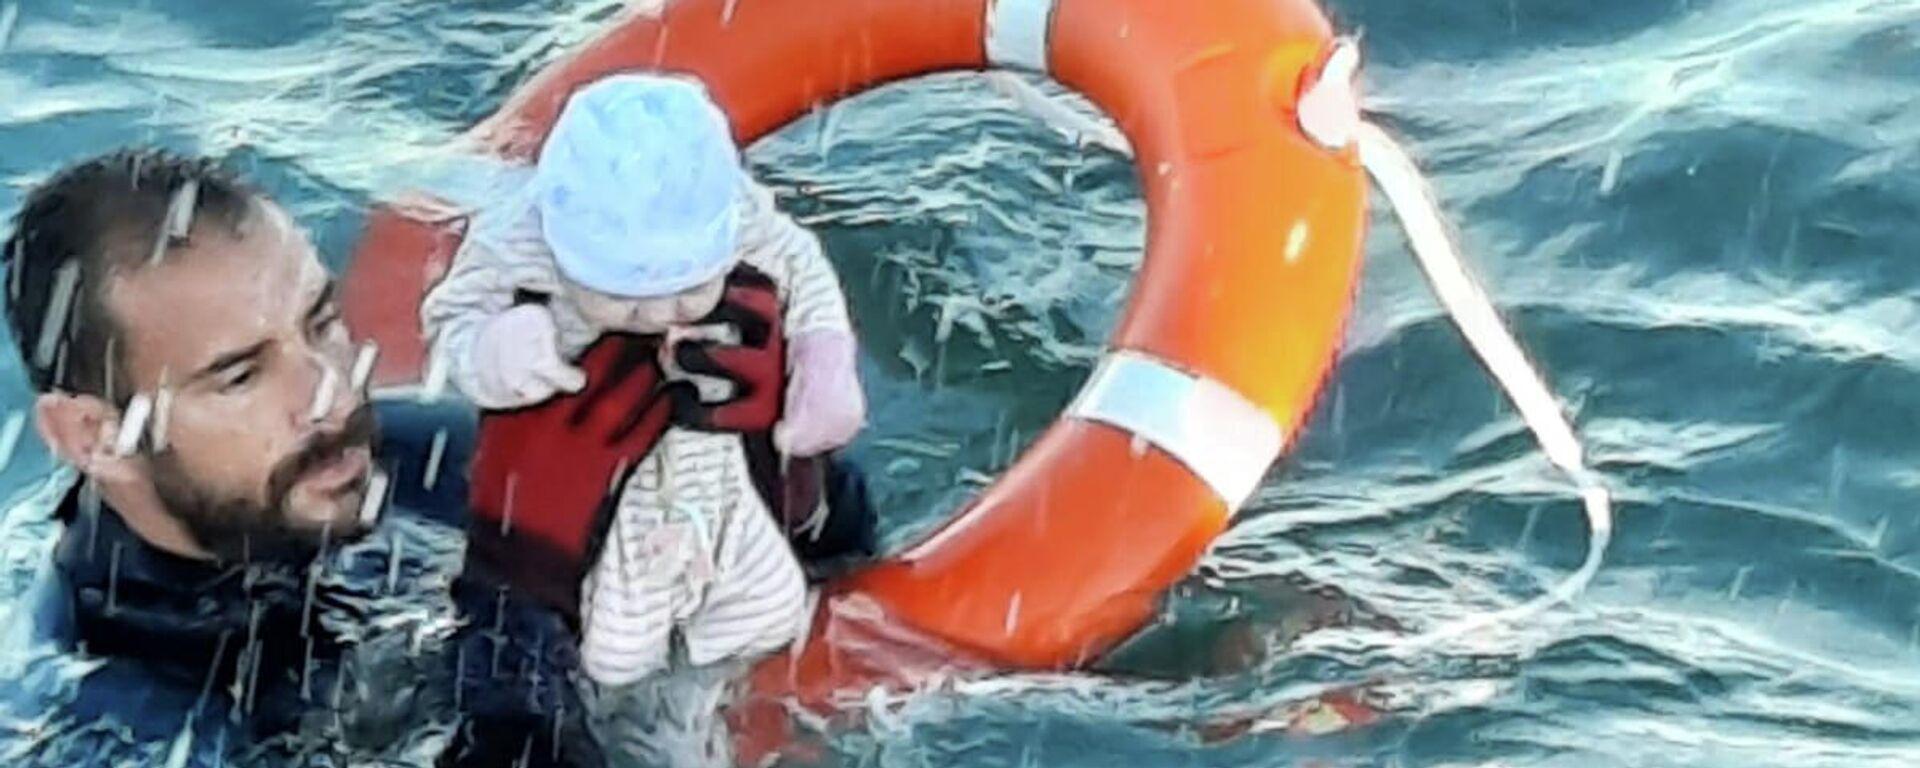 Juan Francisco Valle von der spanischen Polizeieinheit Guardia Civil rettet ein Baby vor Ceuta - SNA, 1920, 20.05.2021